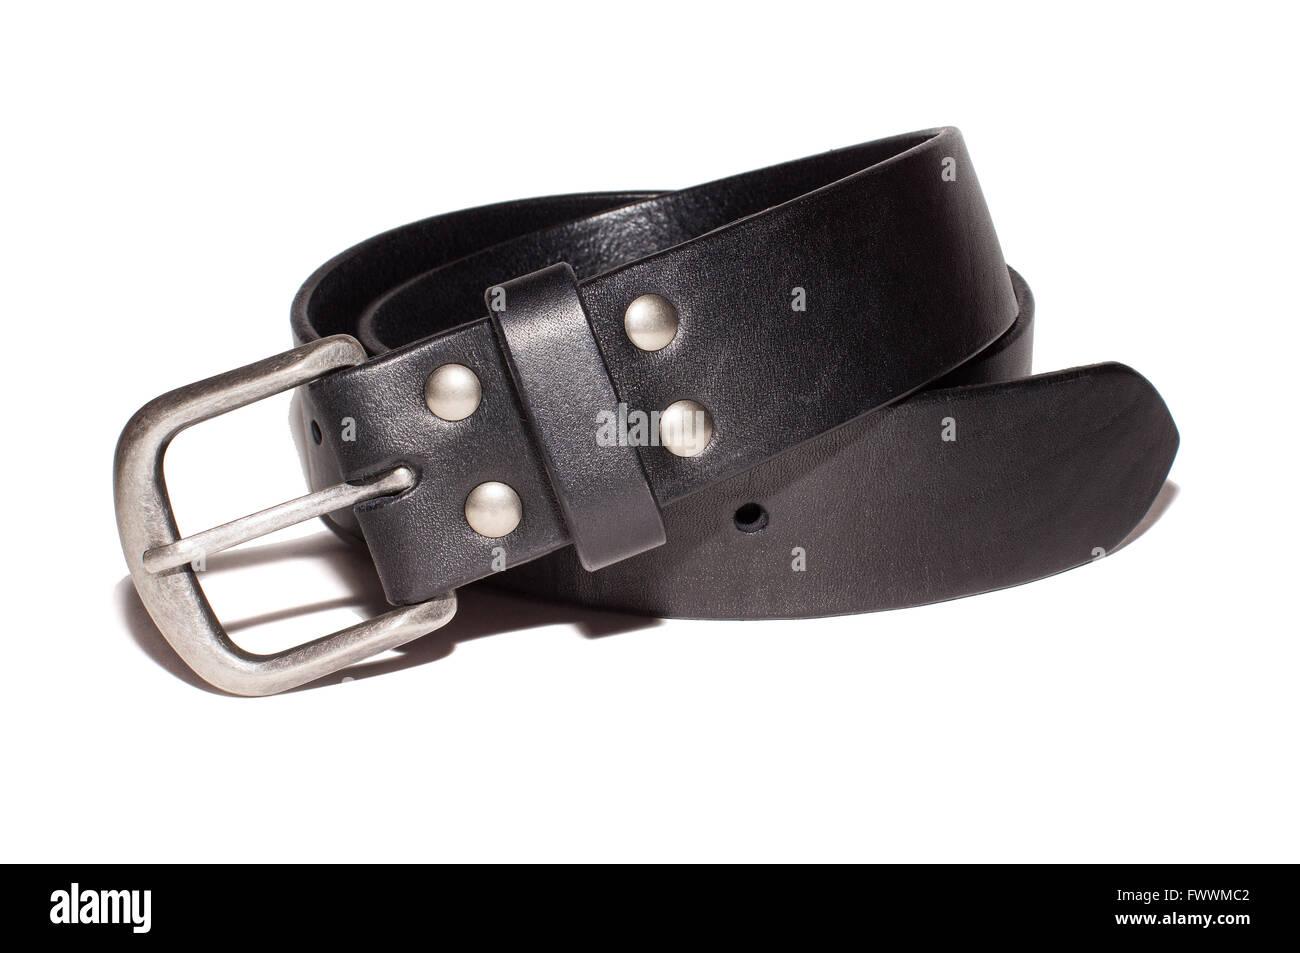 c26b5757e46d13 schwarzer Ledergürtel mit Silberschnalle isoliert auf weißem Hintergrund  Stockbild